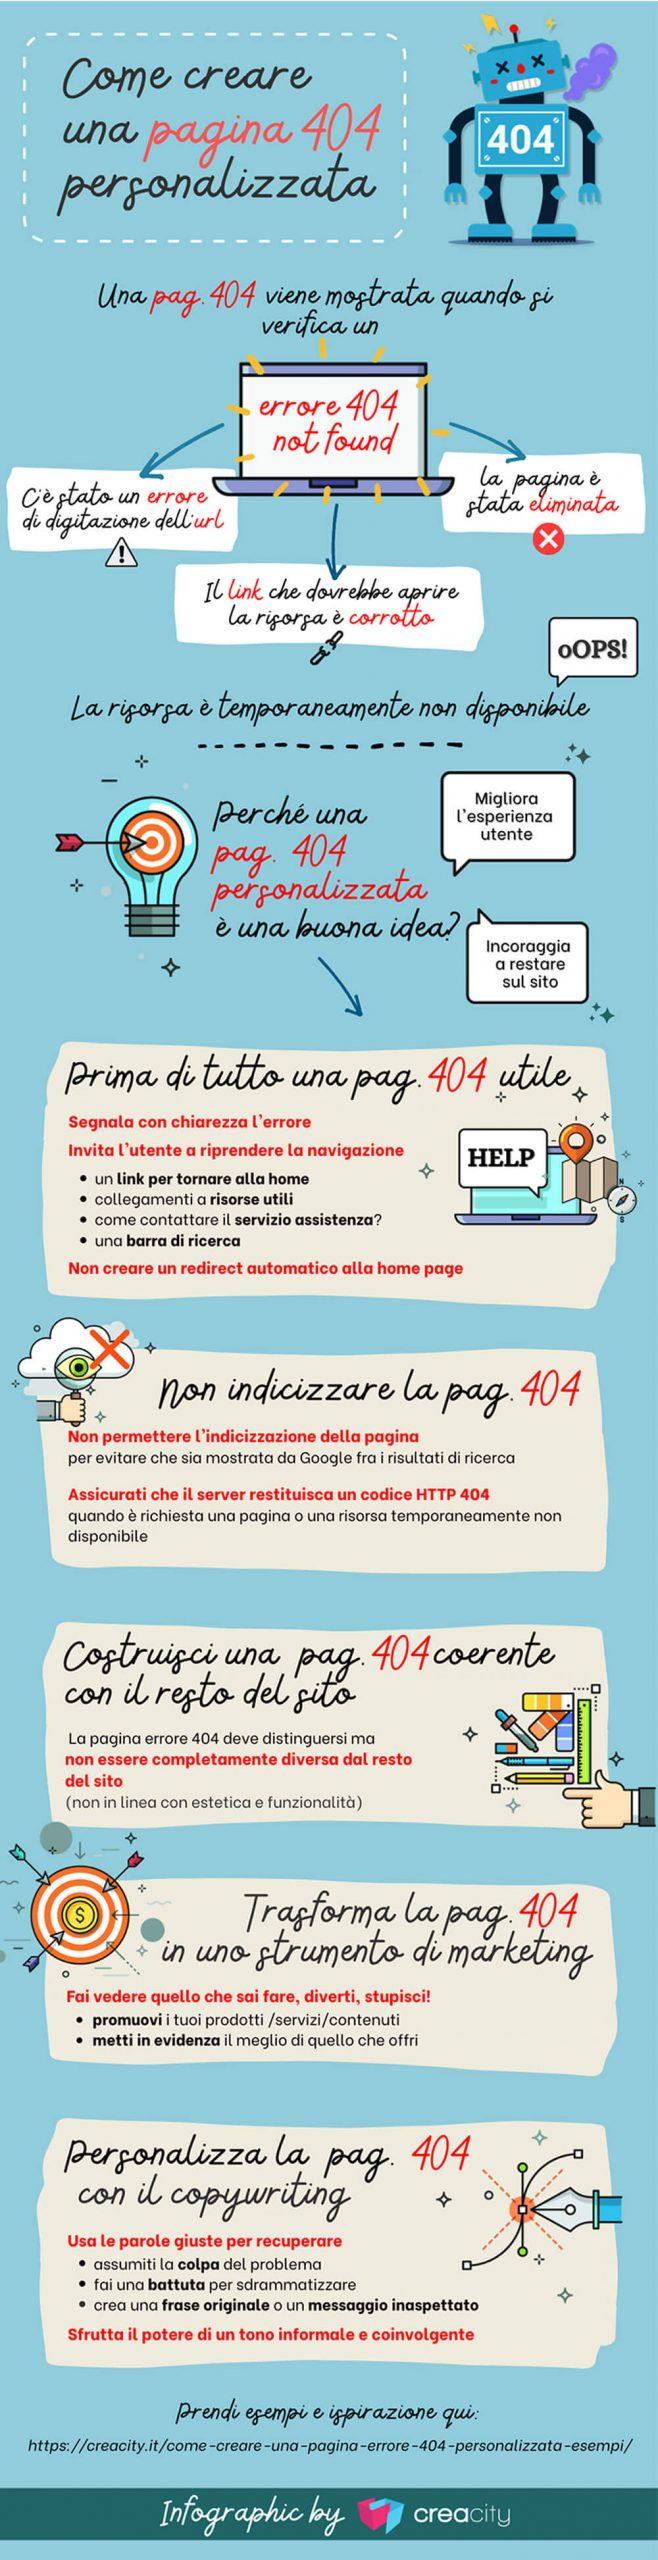 Come creare una pagina 404 personalizzata